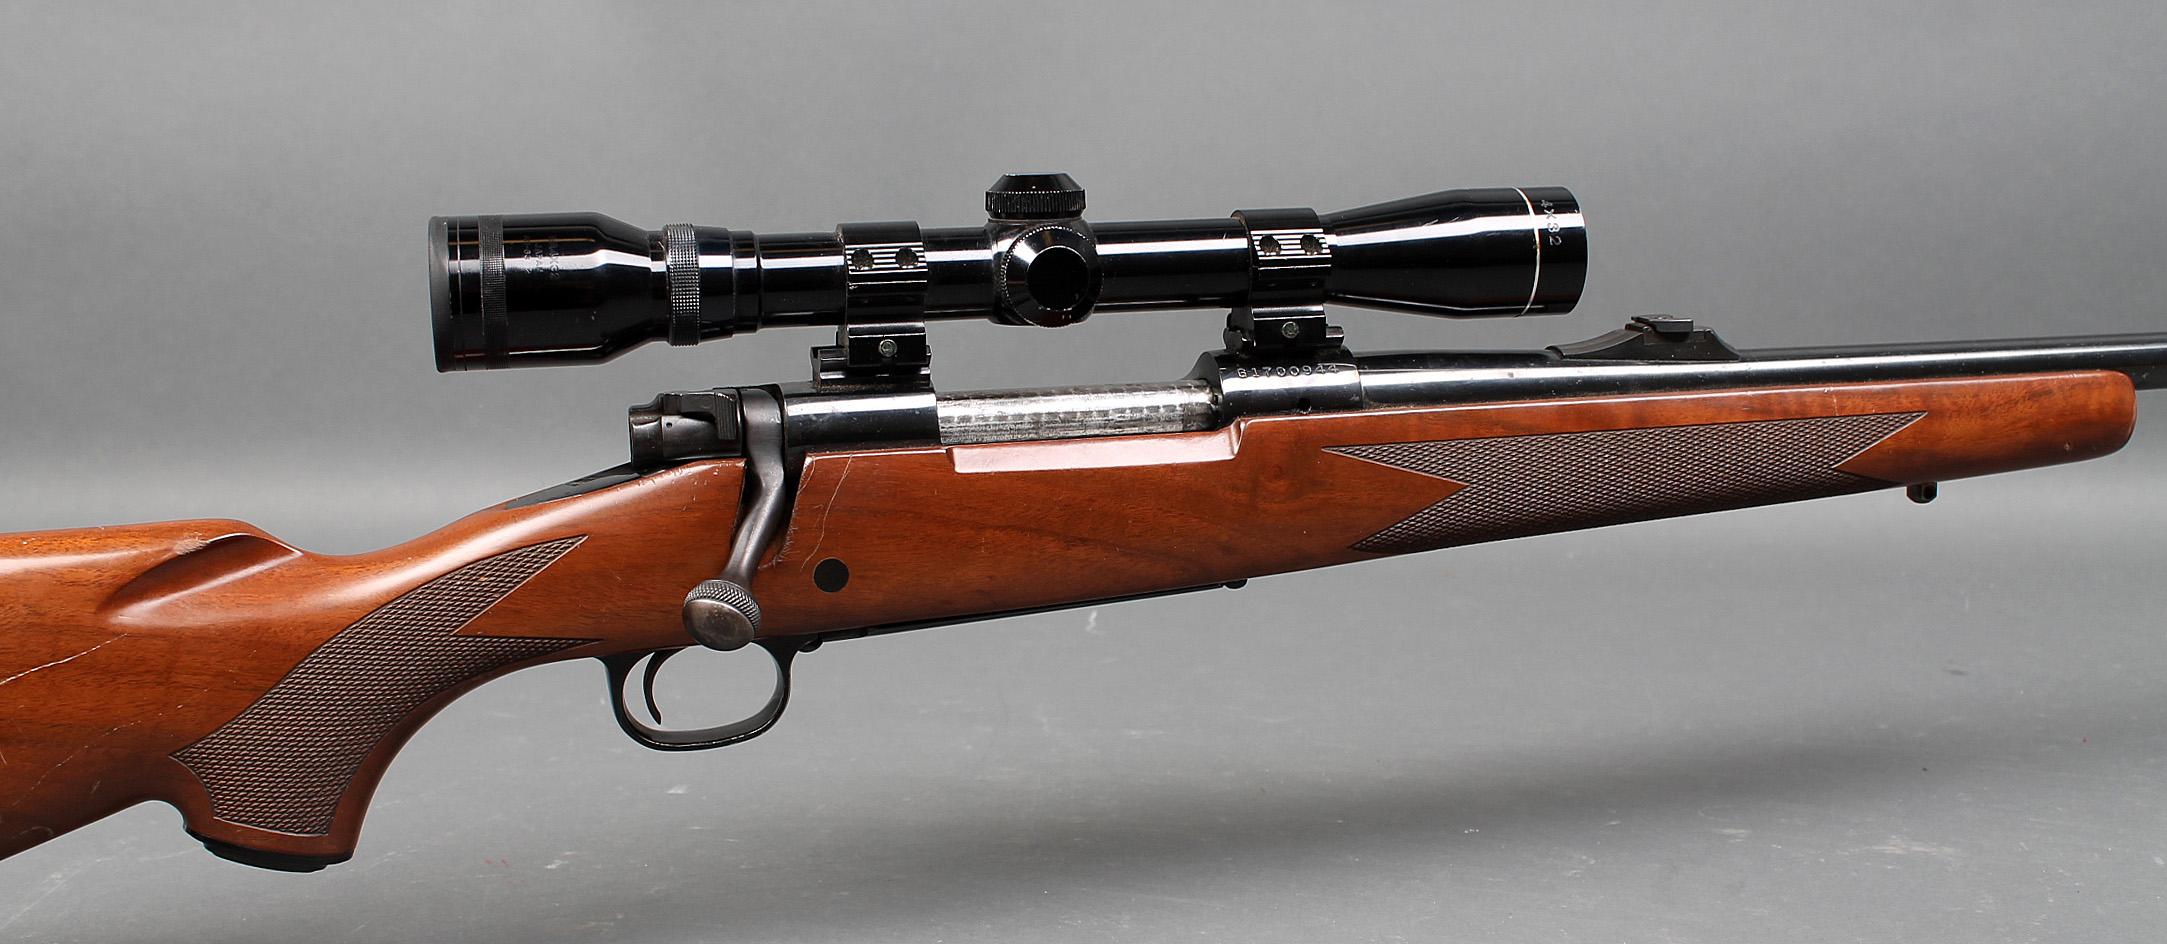 Jagtriffel kaliber 6,5x55 Winchester Model 70 XTR Sporter med Tasco sigtekikkert - Serienummer G 1700944. Amerikansk Winchester jagtriffel Model 70 XTR Sporter i kaliber 6,5x55 mm med Tasco 4x32 sigtekikkert (Trådkors) i lav fast montage samt med korn og justerbar kærv. Cylinderlås. Fremstår med brugsspor på kolbe. Fast...